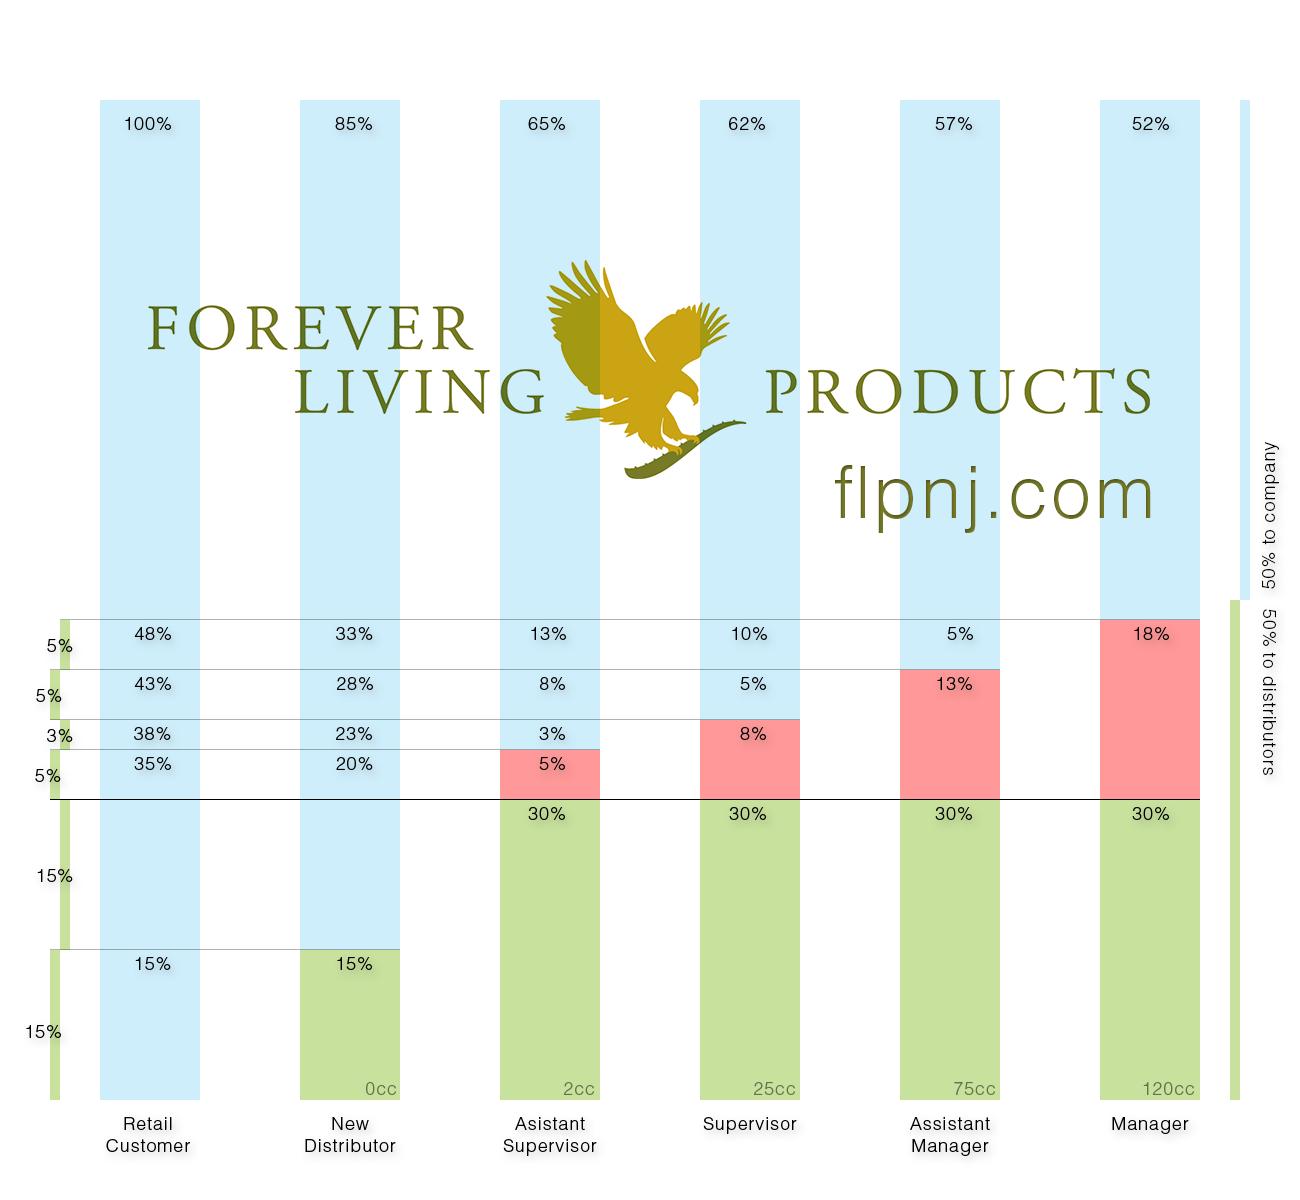 Forever Living NJ Forever Living Marketing Plan Forever